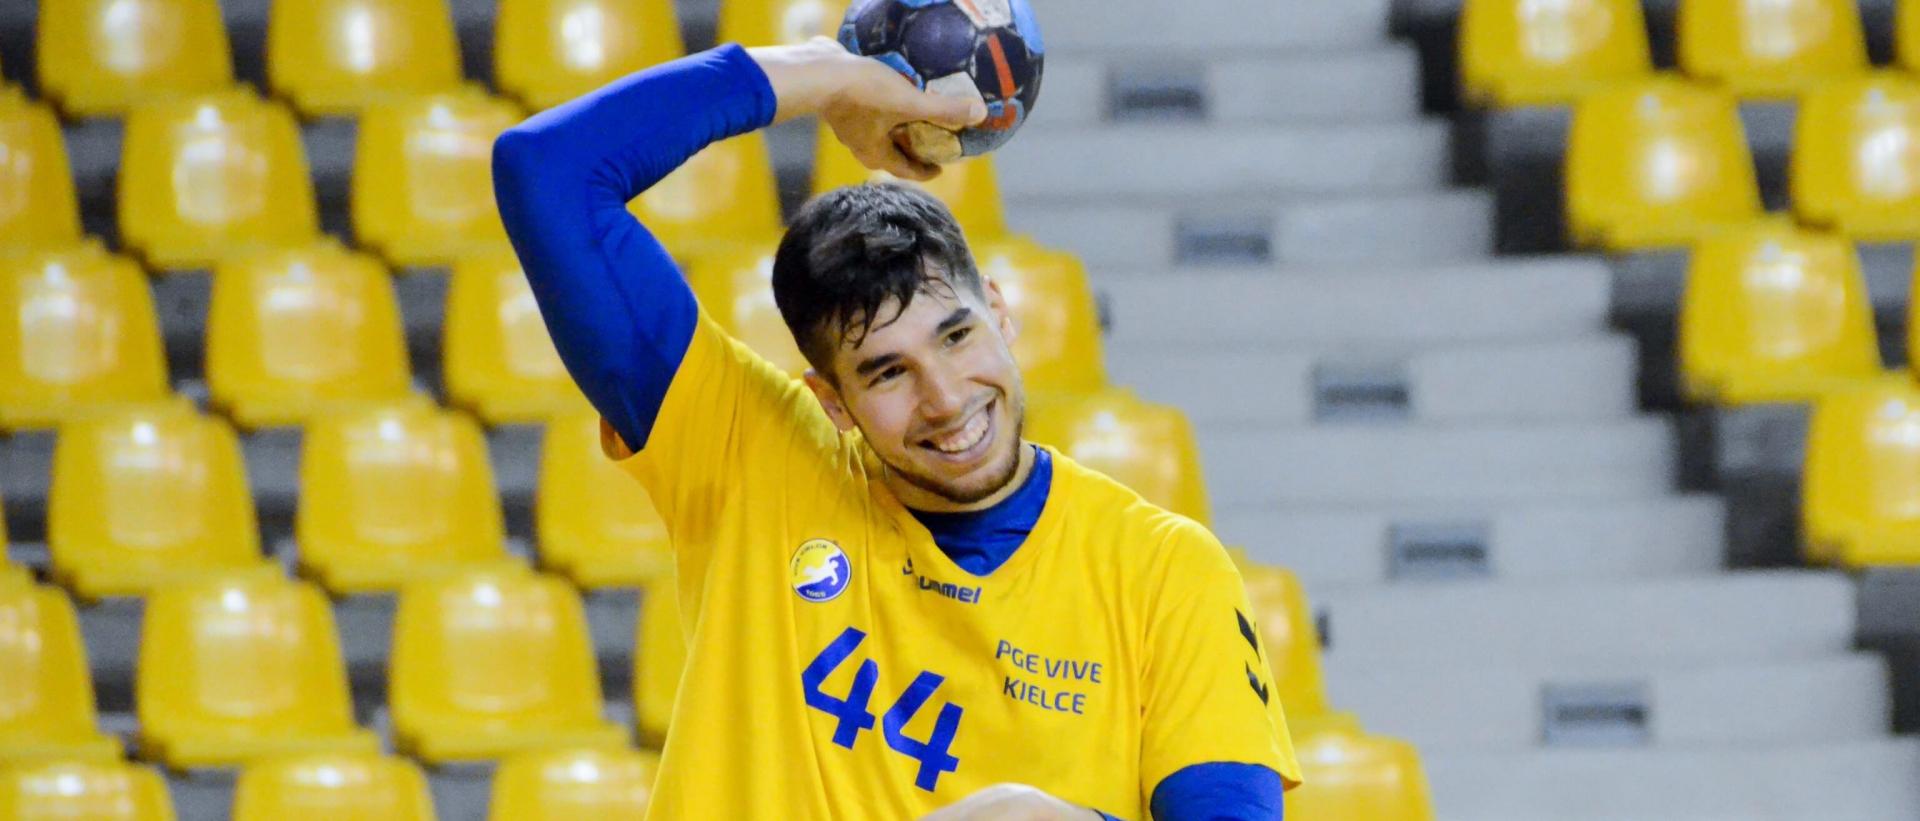 Daniel Dujshebaev fot. Yvette Kunushevci